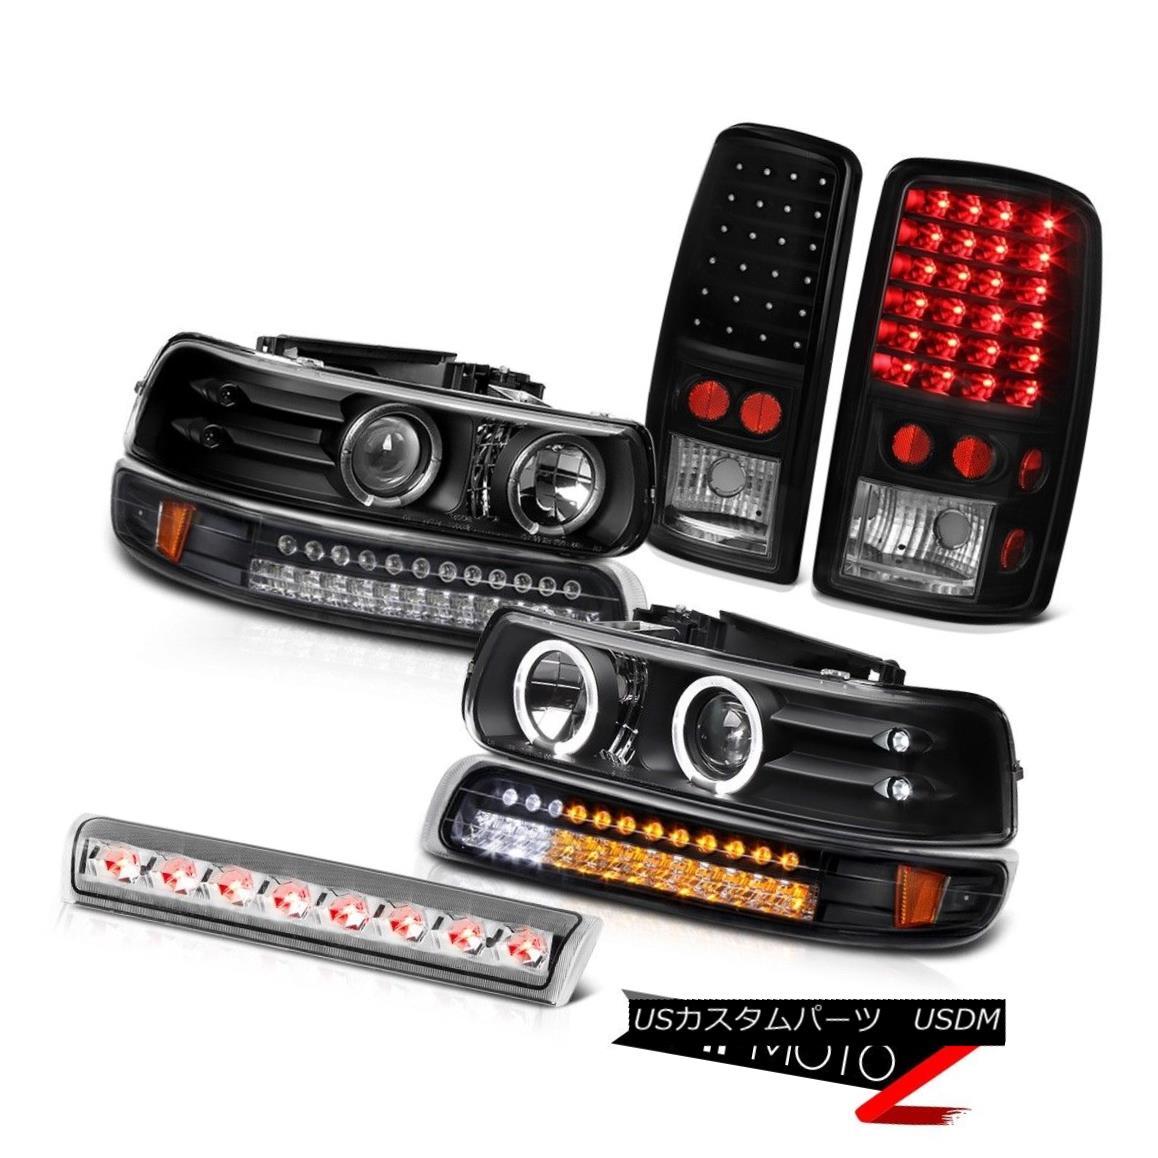 テールライト DRL LED Angel Eye Headlights SMD Tail Lights High Brake 2000-2006 Chevy Tahoe DRL LEDエンジェルアイヘッドライトSMDテールライトハイブレーキ2000-2006 Chevy Tahoe